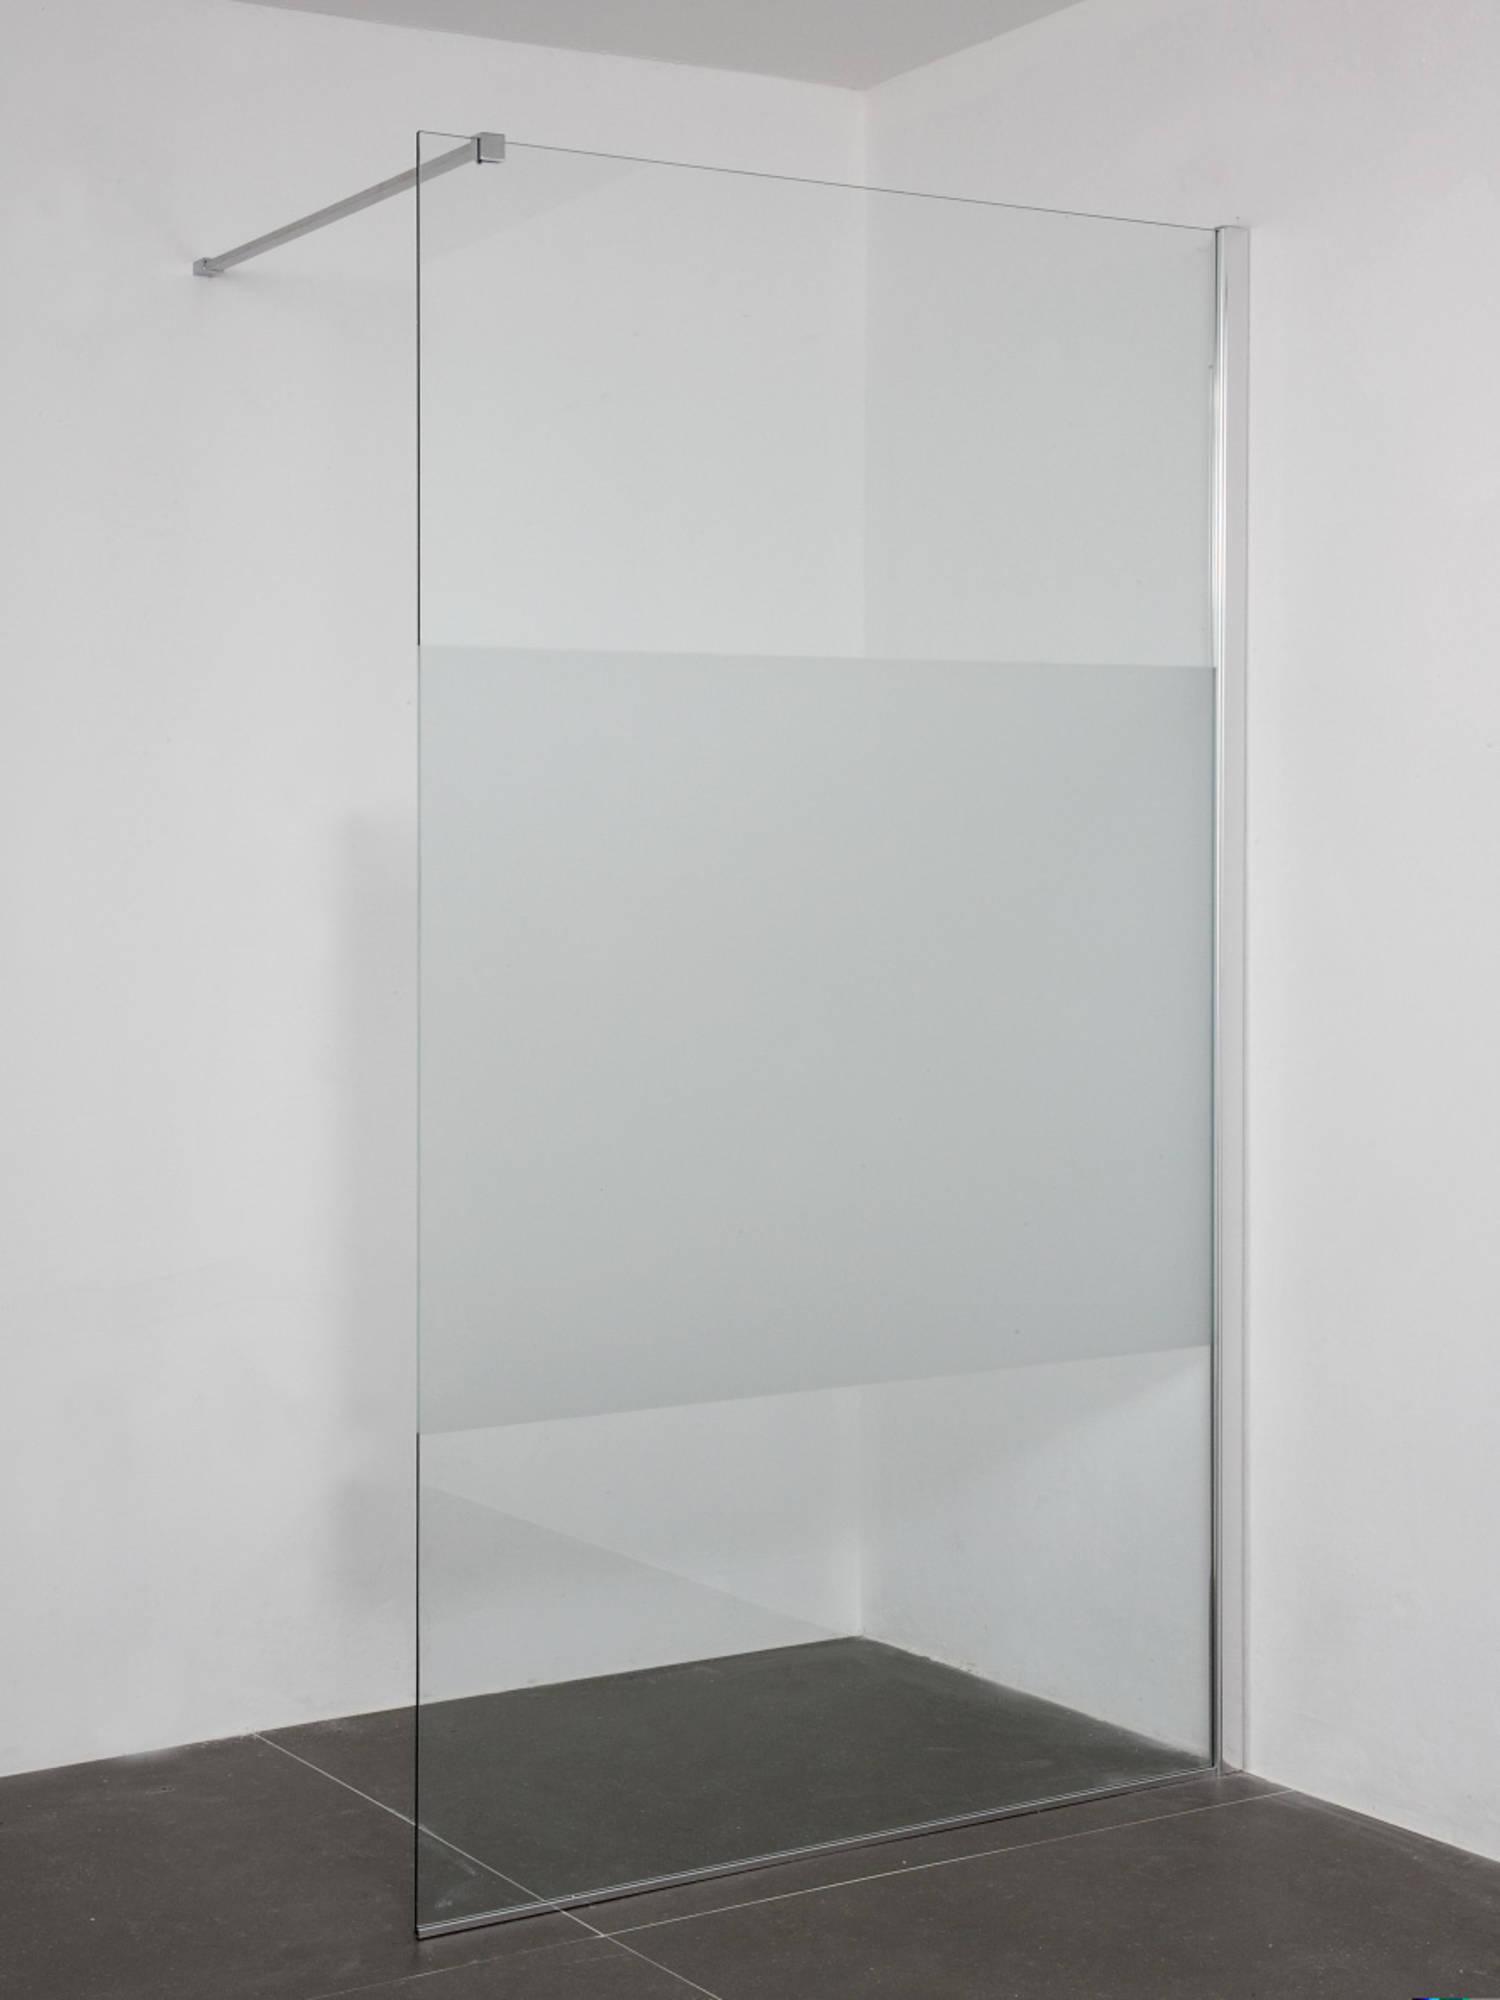 Saniselect Zissa Inloopdouche 120x200cm rechts Aluminium Gepolijst